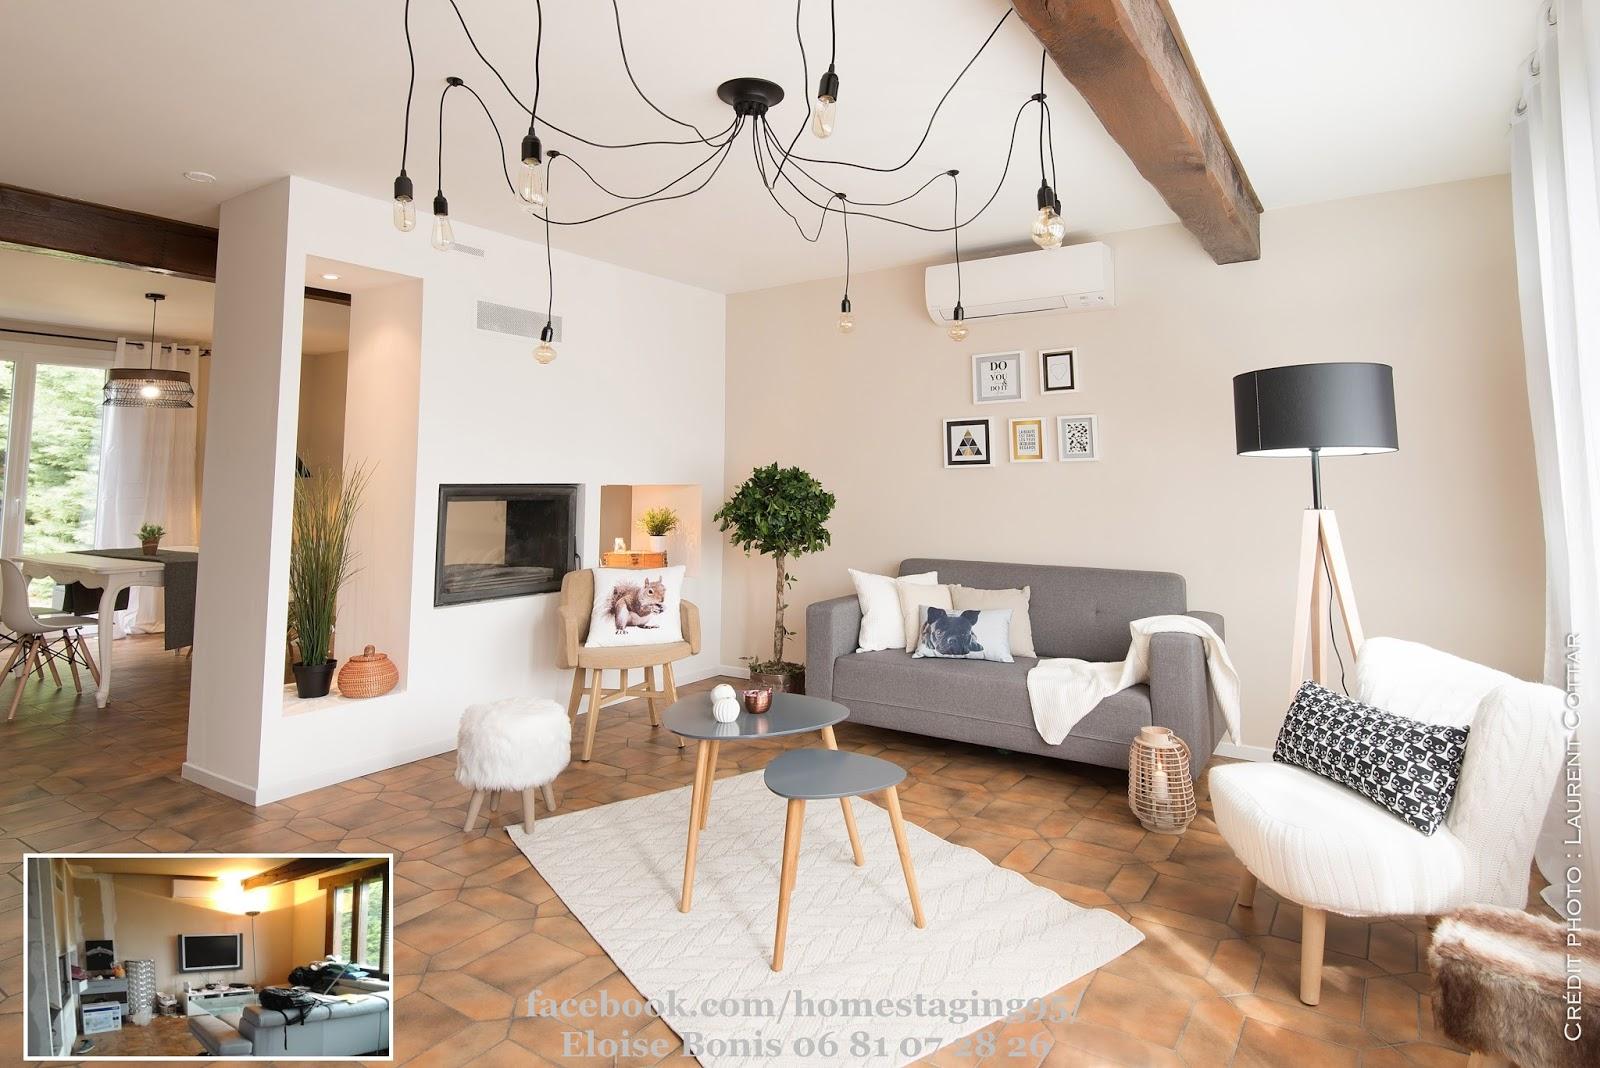 10conseils de home staging | architecte d'intérieur, home staging et